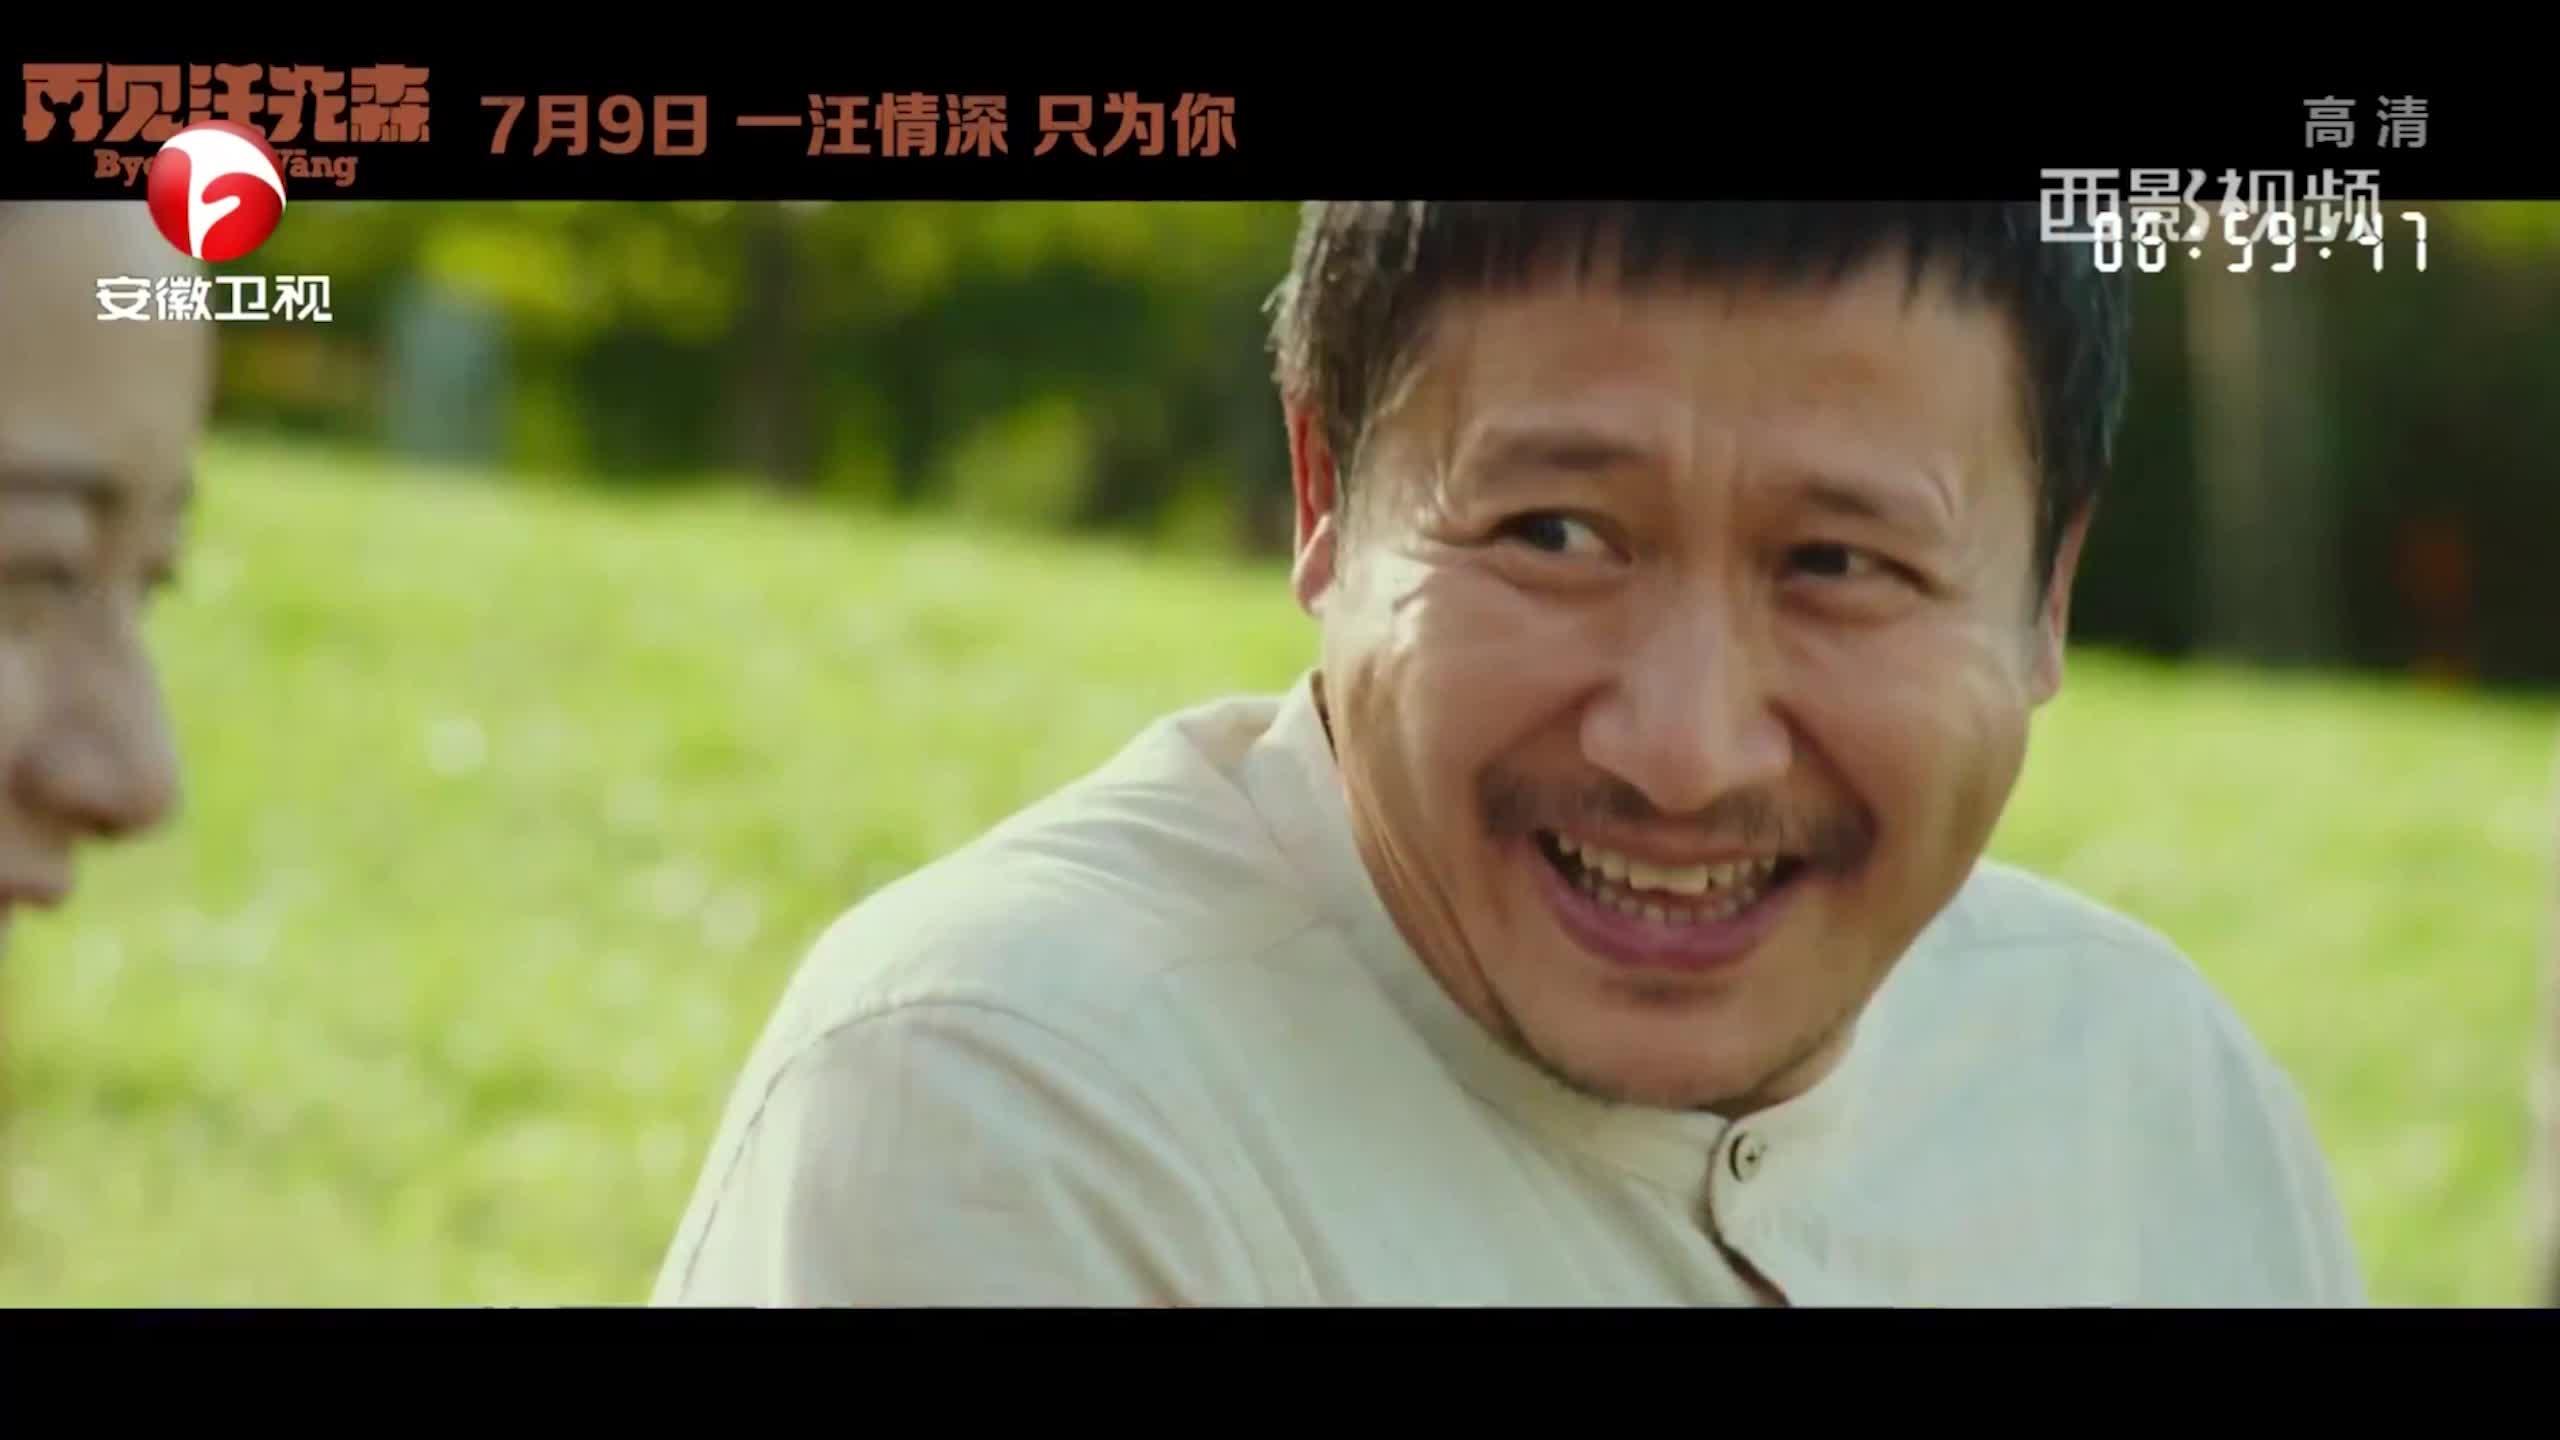 安徽卫视:《再见汪先森》7月9日 一汪情深只为你